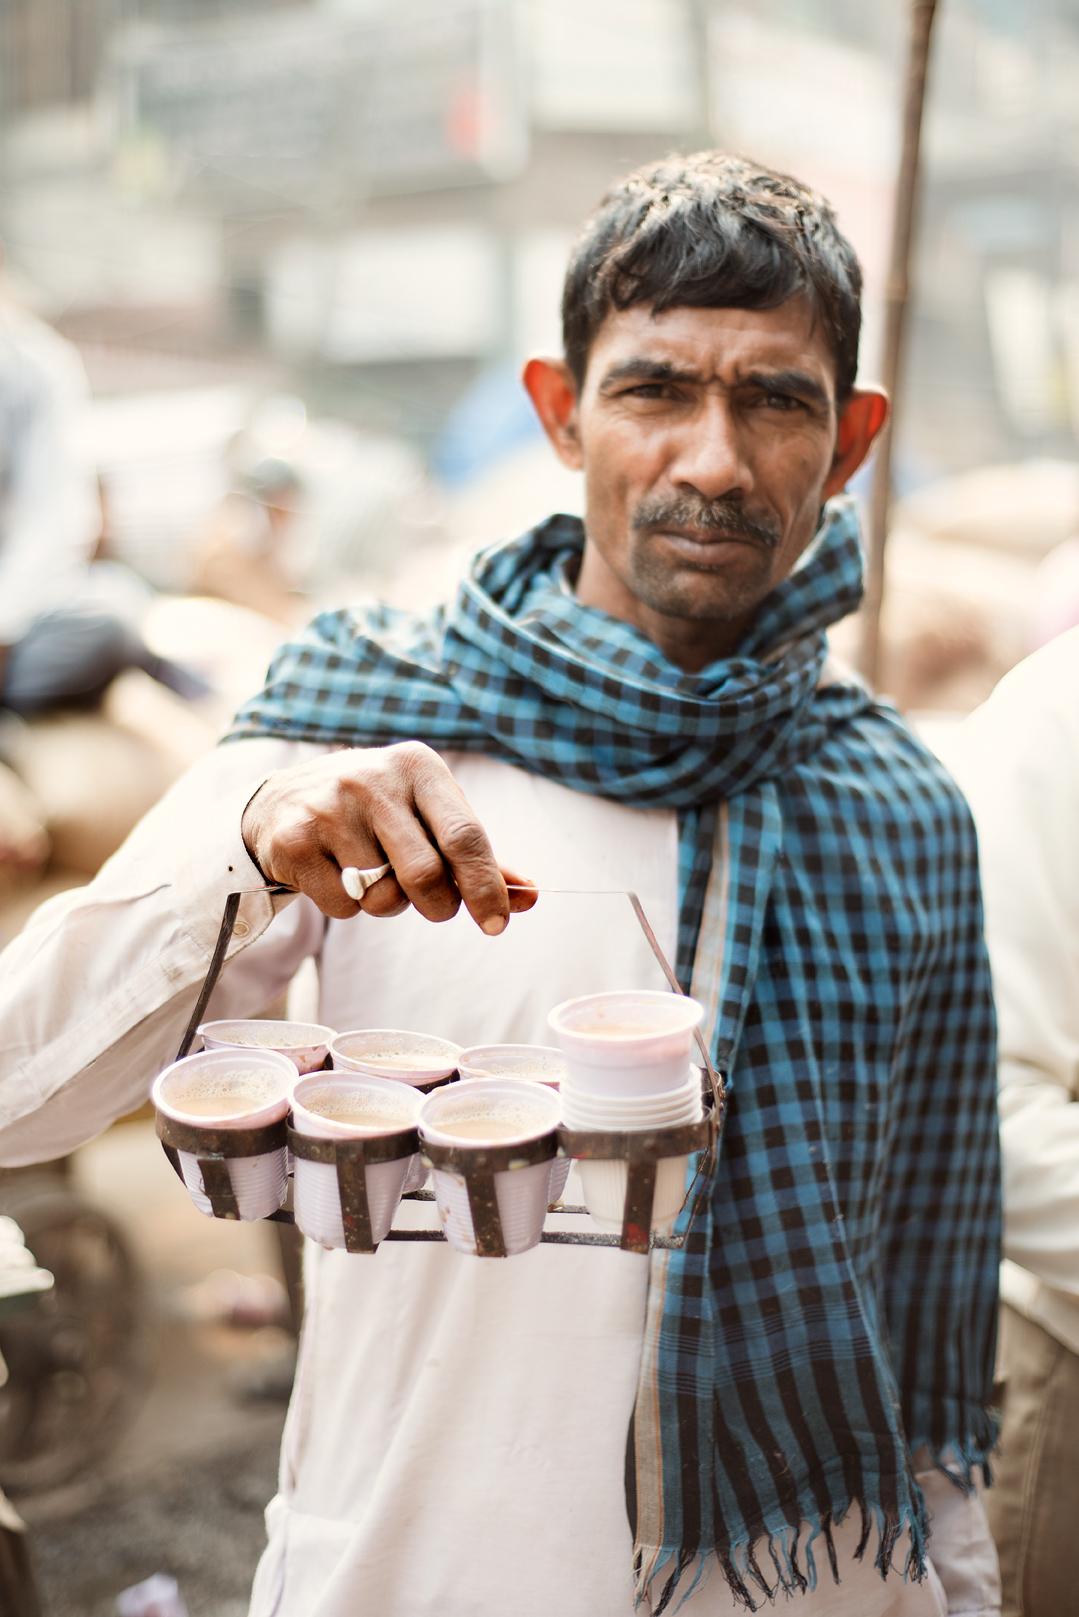 chai story travel photographer delhi india